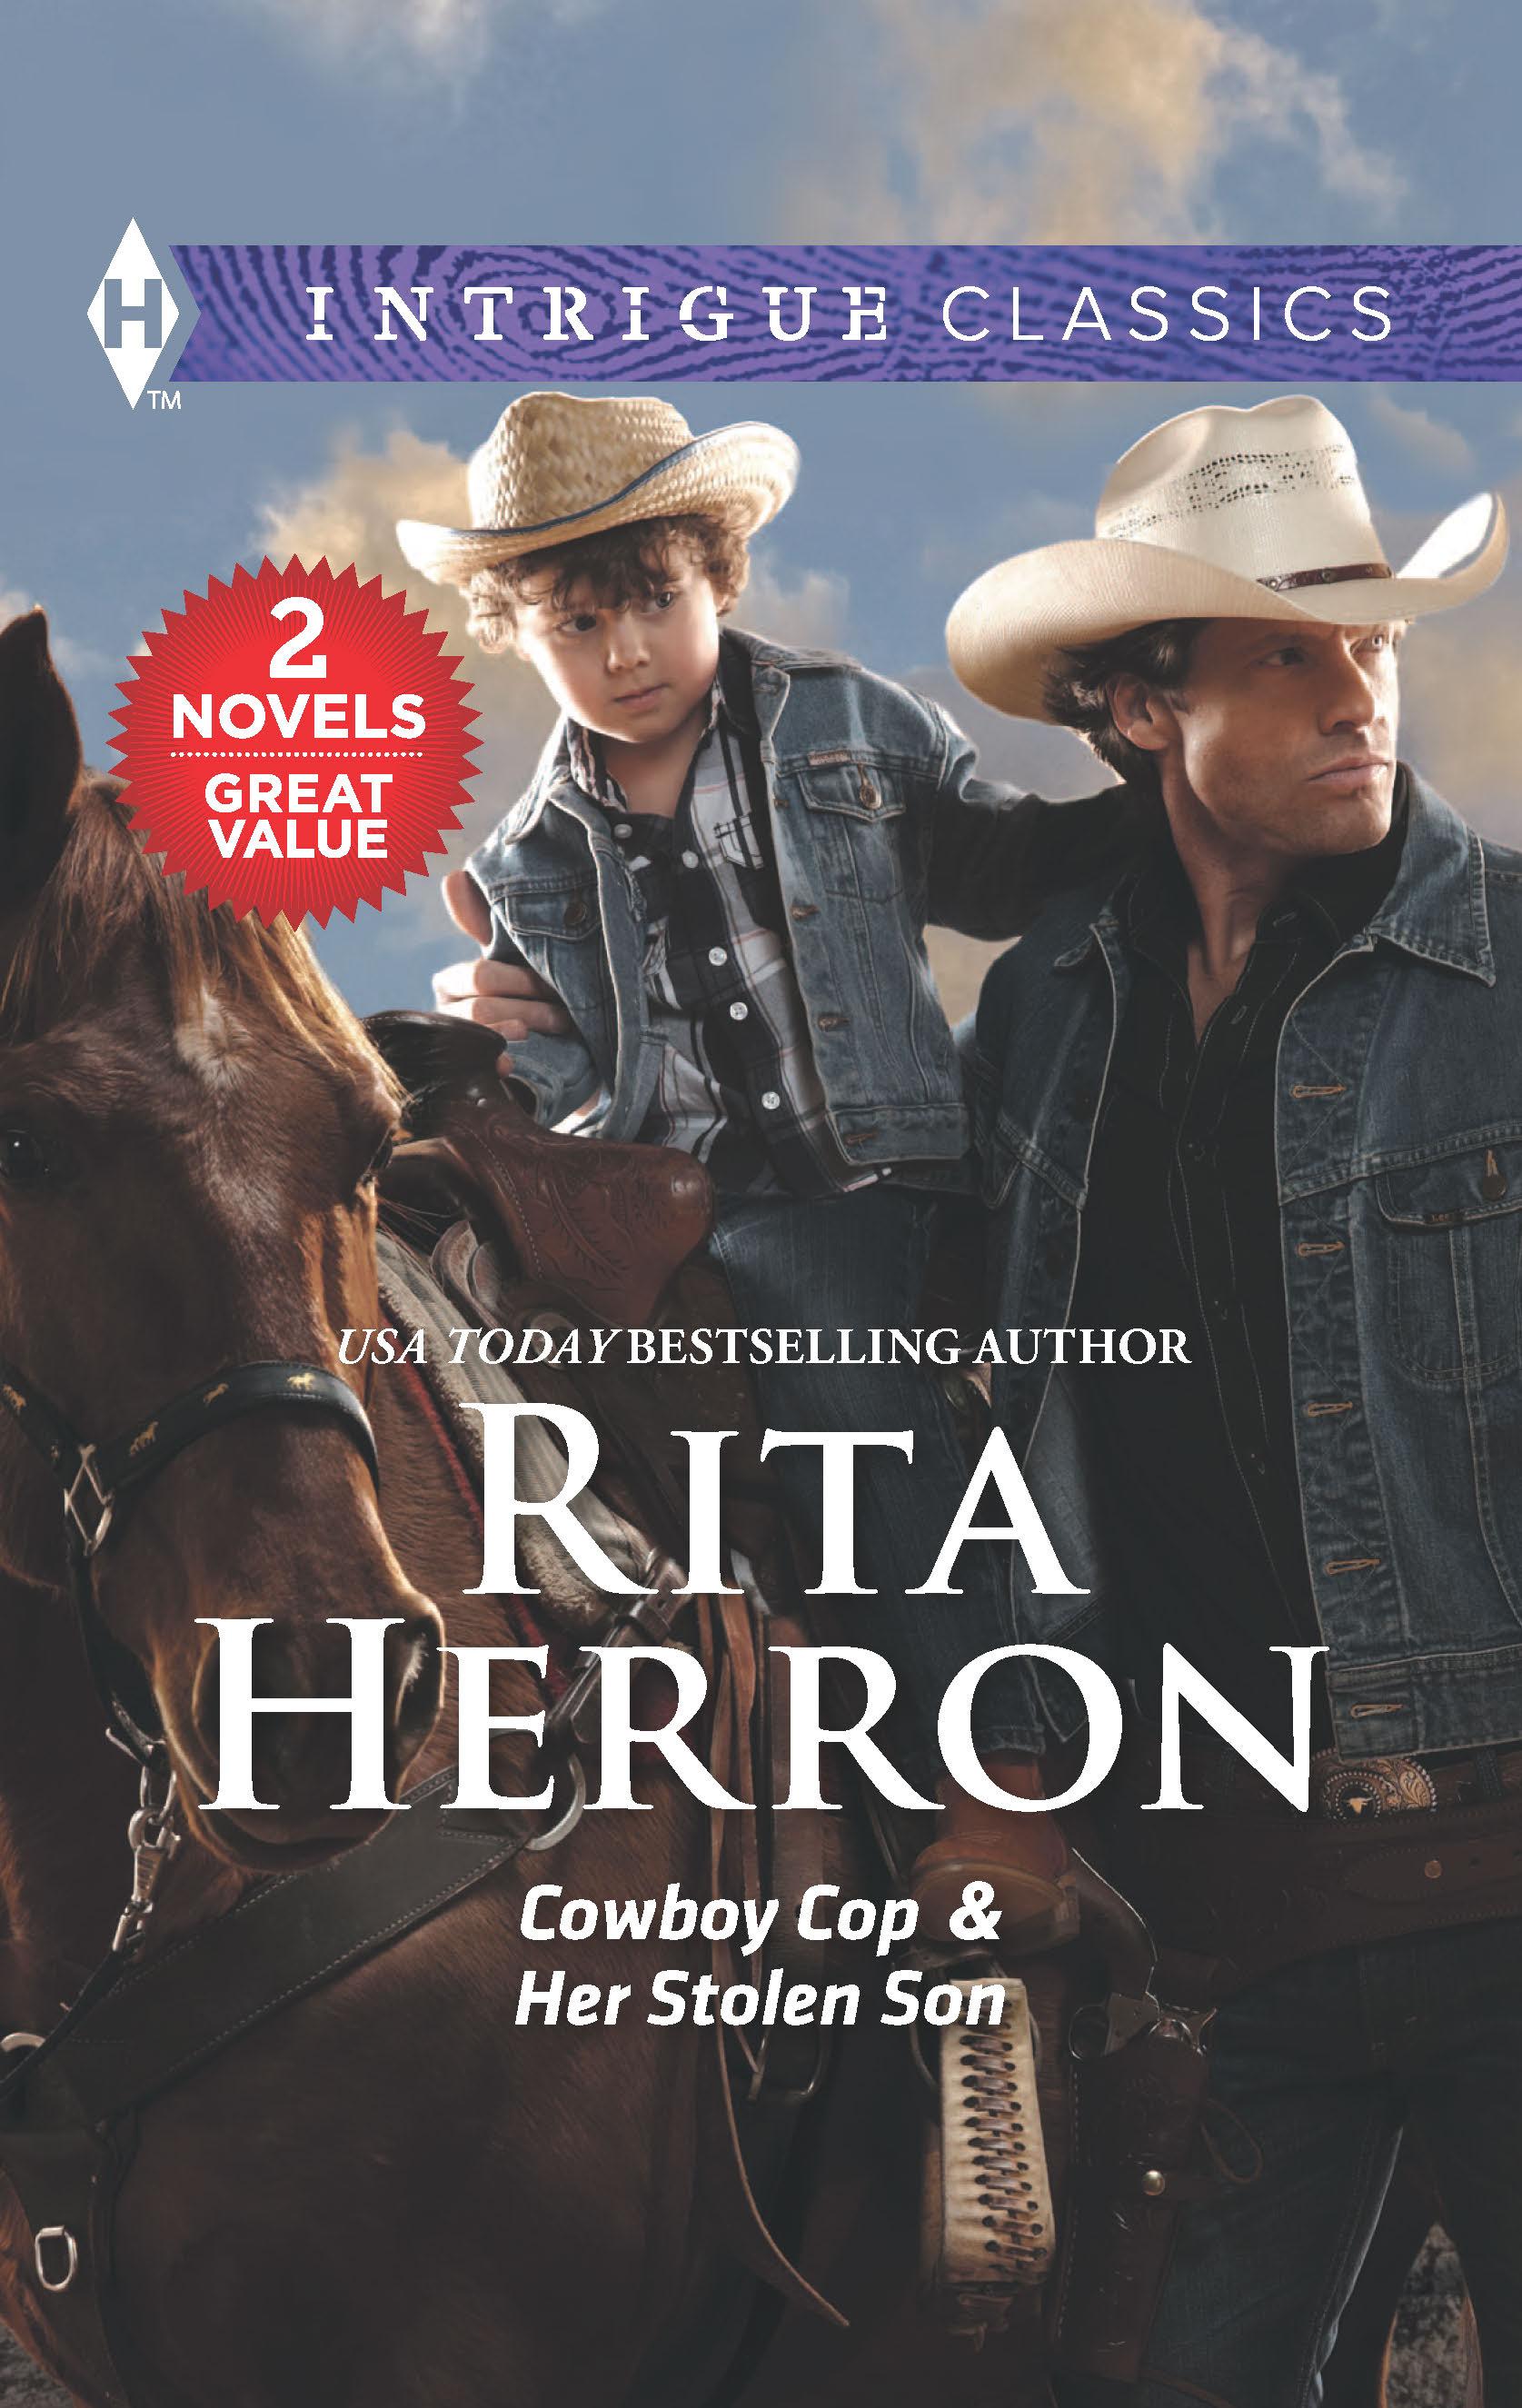 Cowboy Cop & Her Stolen Son